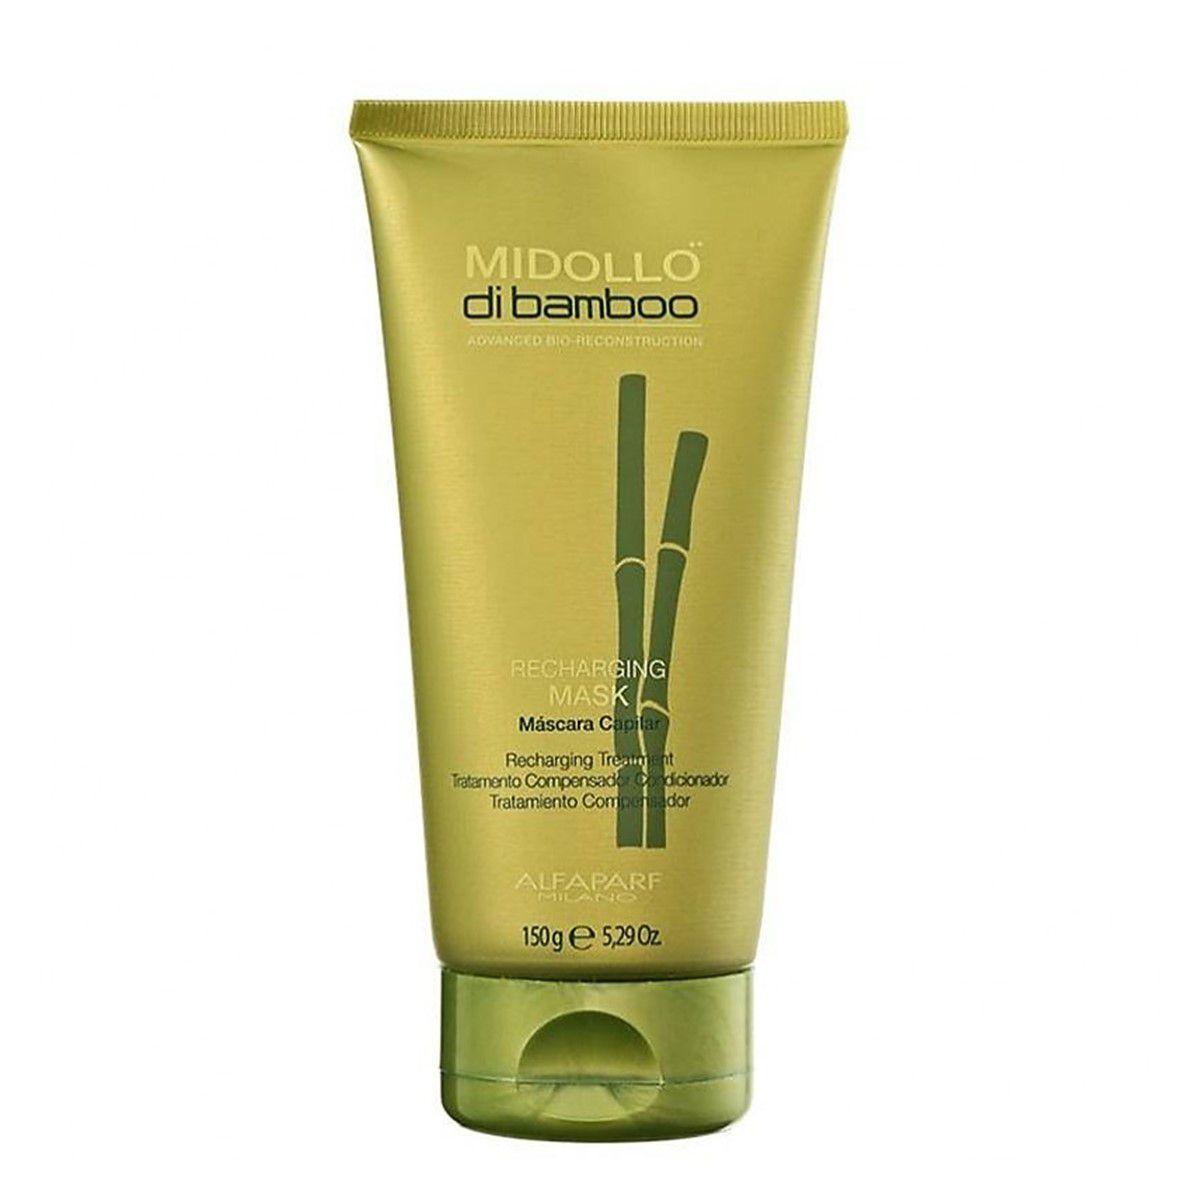 Alfaparf Midollo di Bamboo Recharging Mask - Máscara 150g